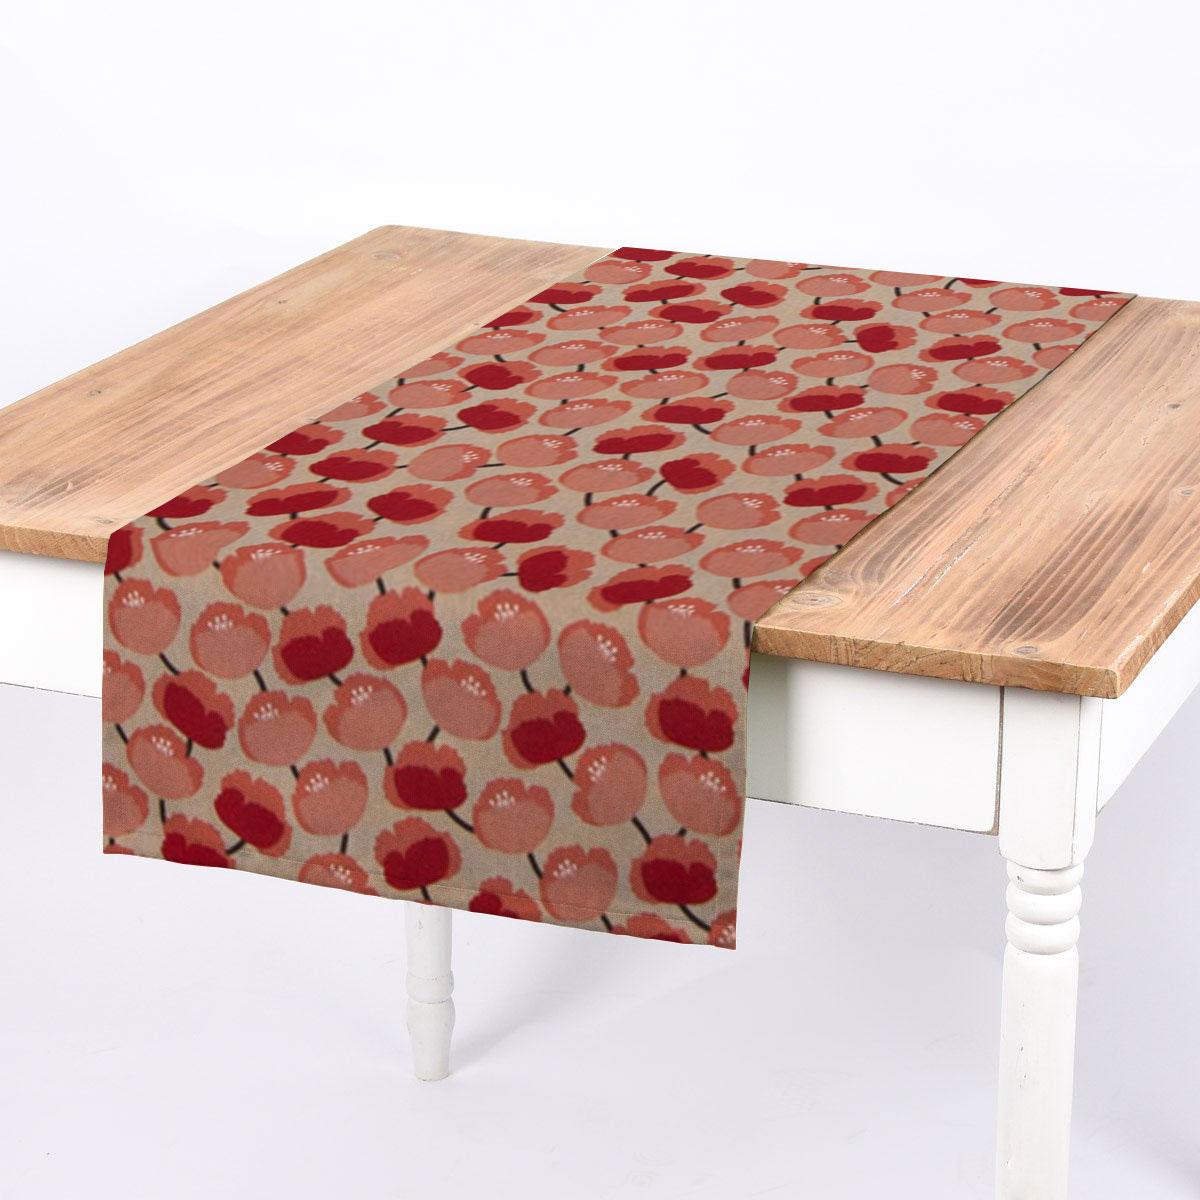 SCHÖNER LEBEN. Tischläufer Pfingstrosen abstrakt natur rot koralle 40x160cm